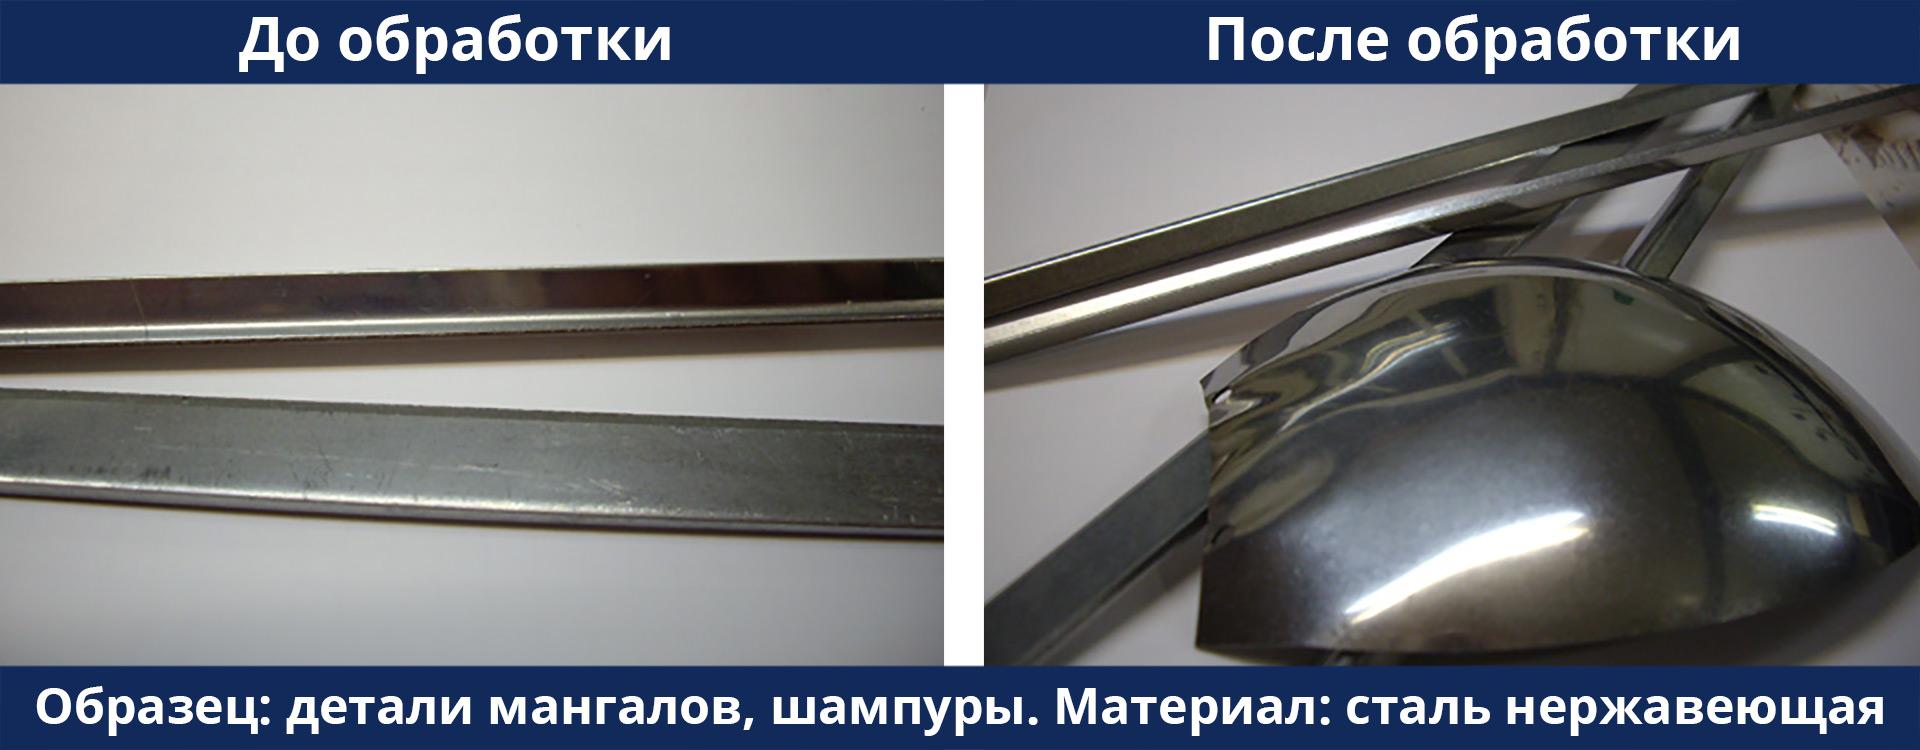 Образцы мангалов и шампуров из стали до галтовки и после галтовки